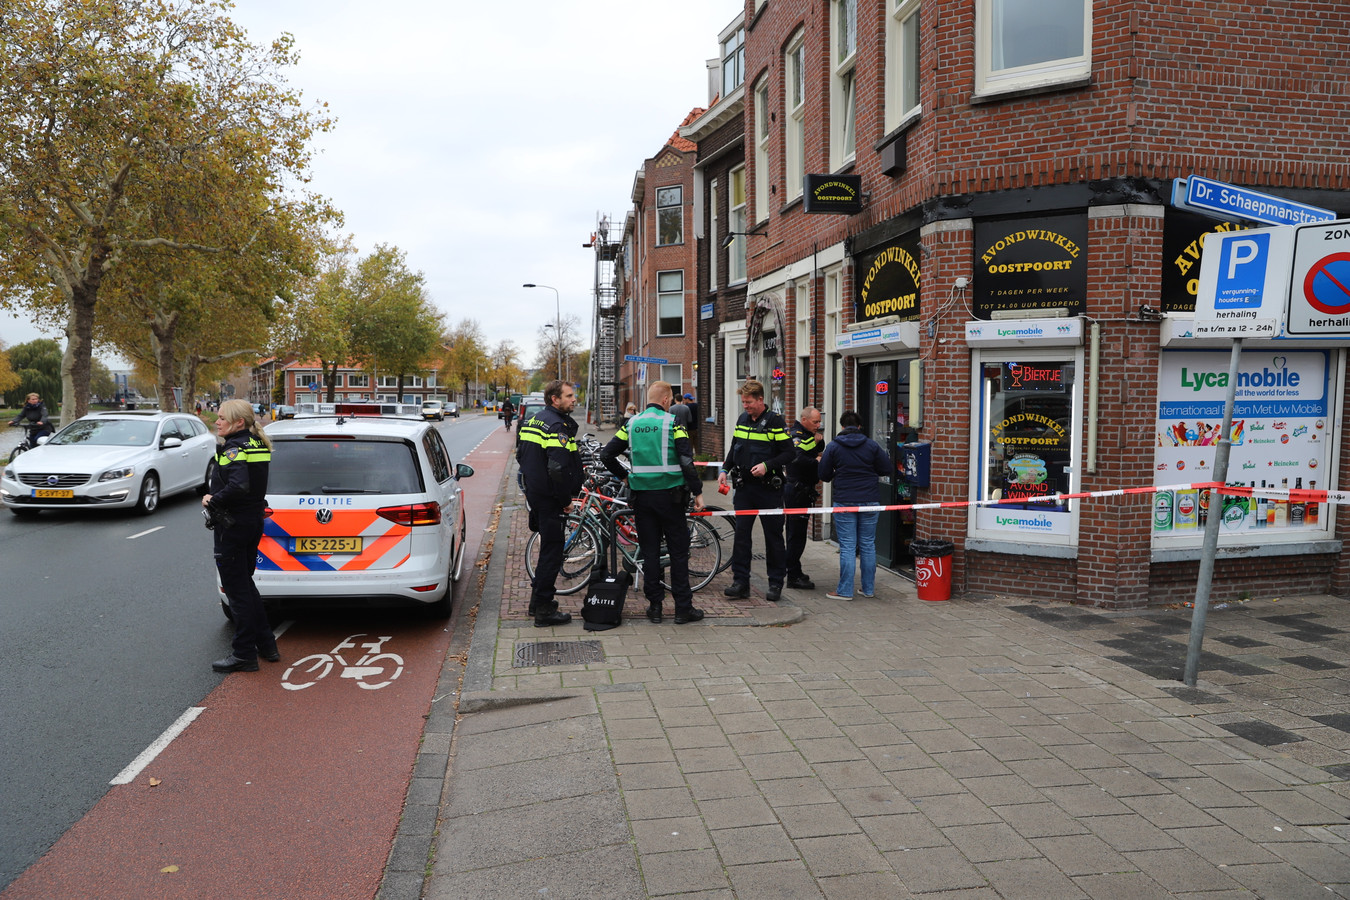 De politie doet onderzoek nadat de avondwinkel is overvallen.